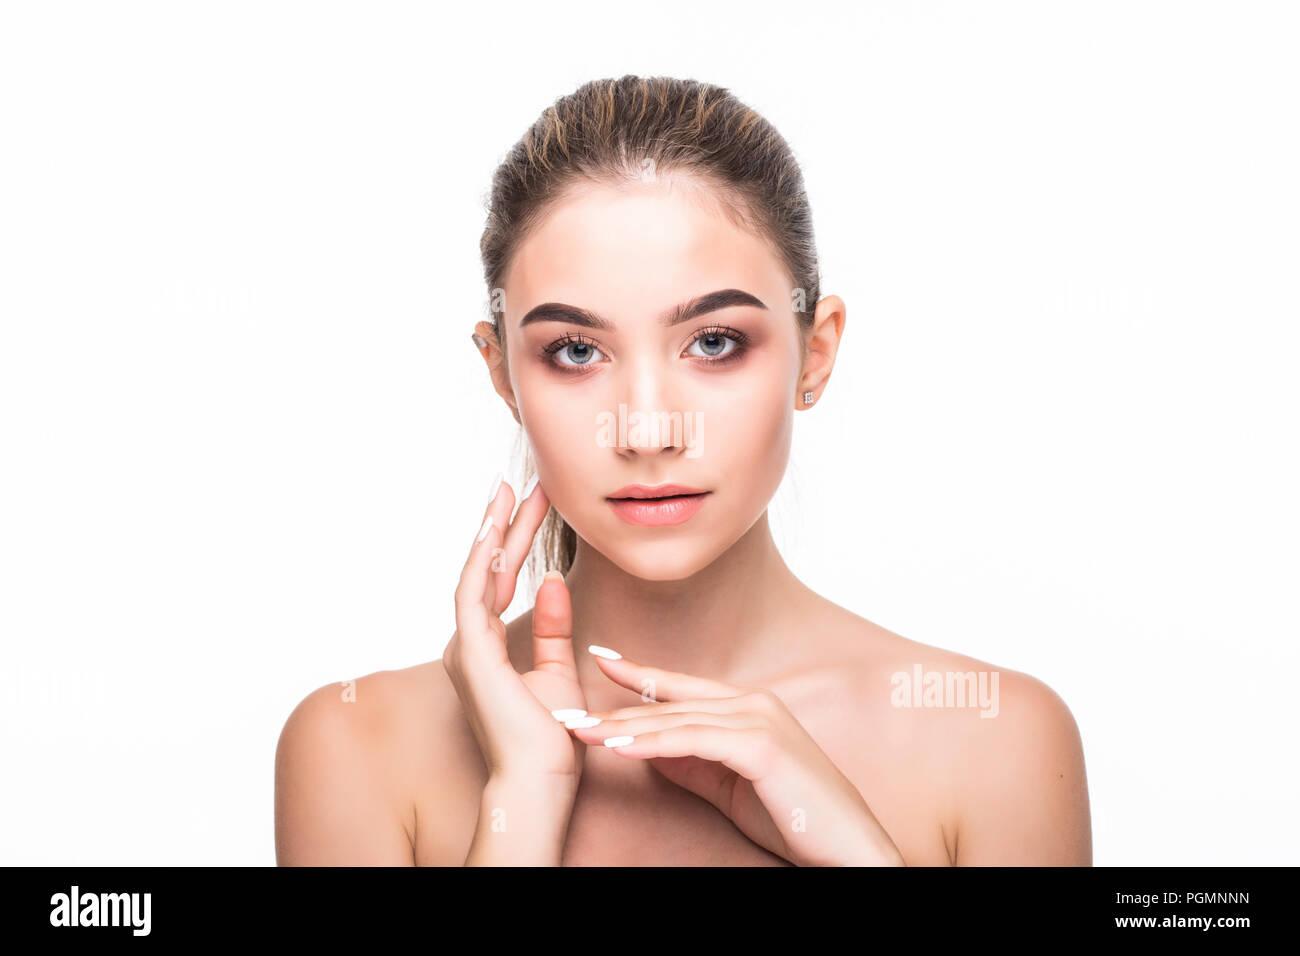 Cura Della Pelle Concetto Bellezza E Benessere Per Il Corpo E Per Il Viso Bella Gara